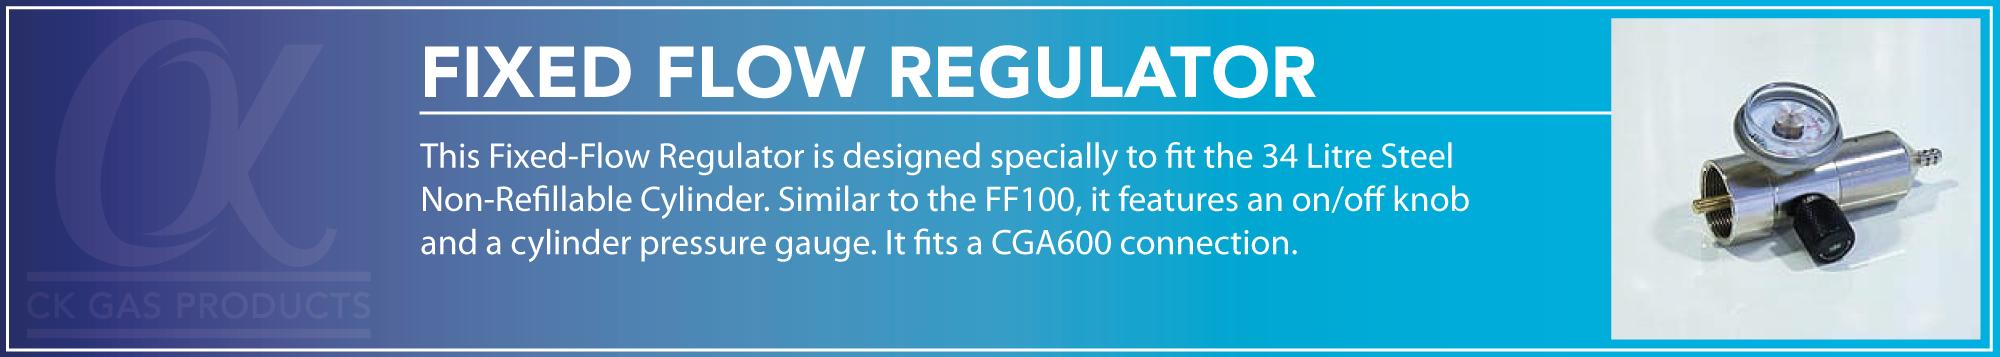 FixedFlow_Regulator2